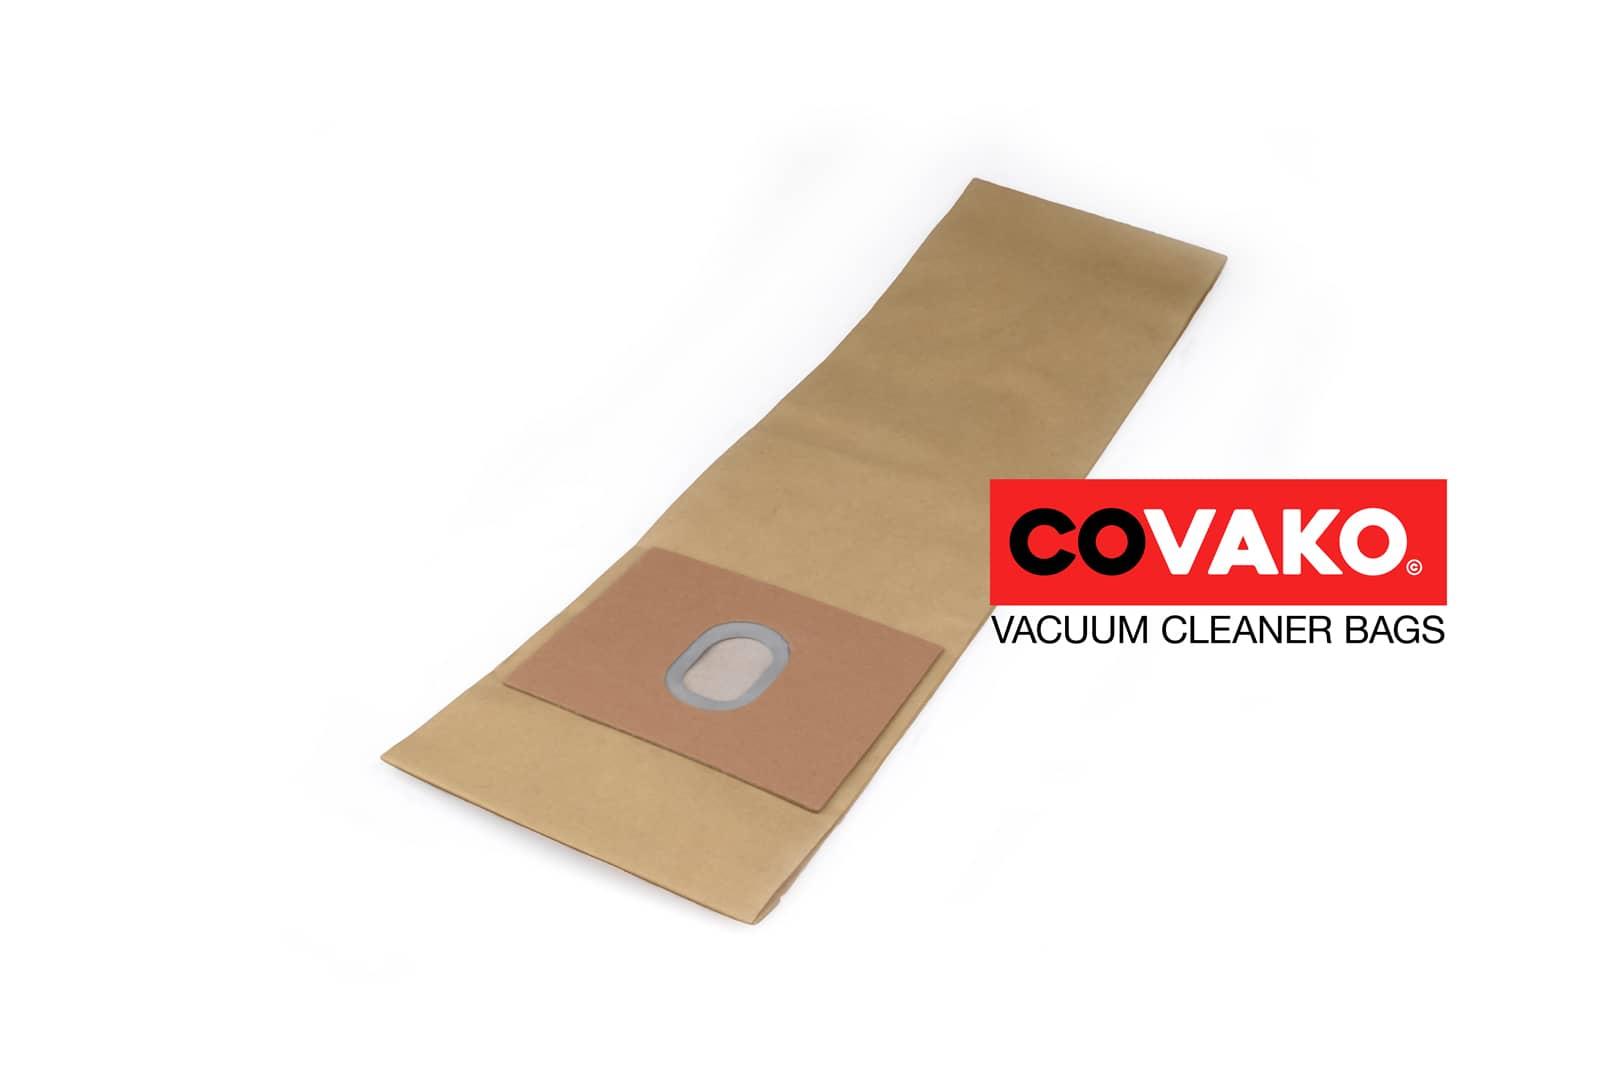 Bosch SK 2 / Papier - Bosch sacs d'aspirateur